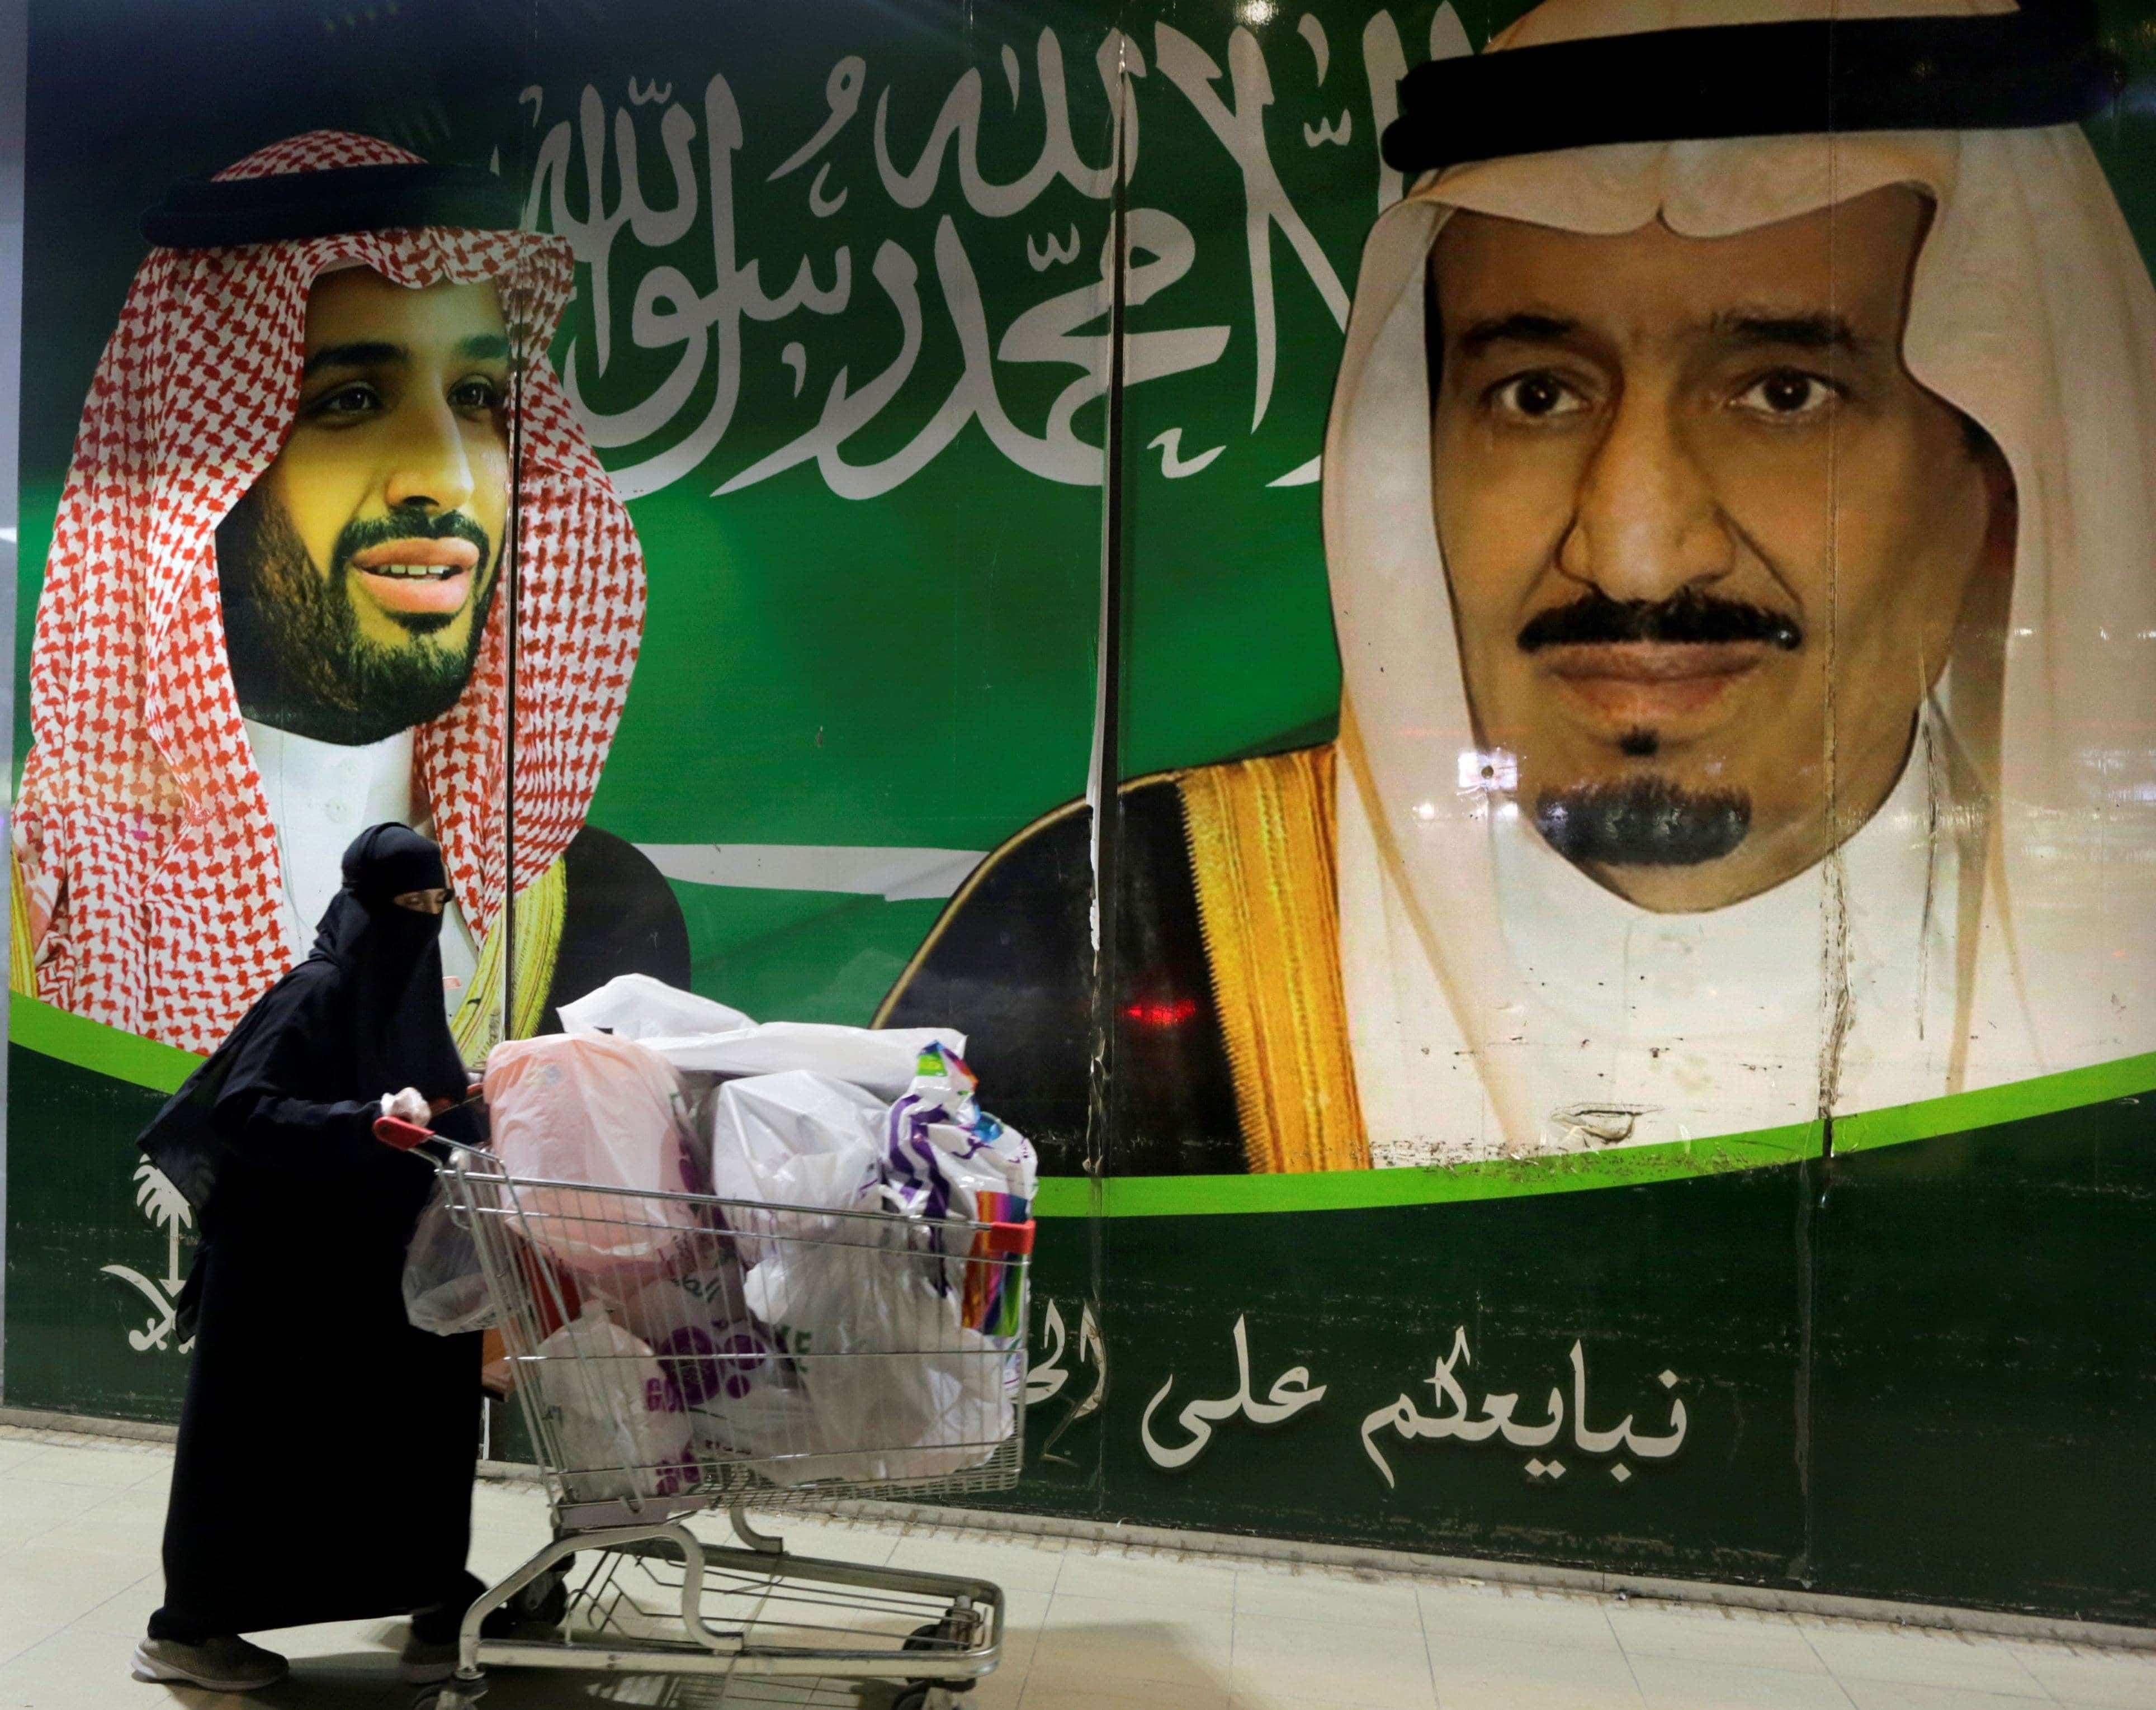 سعوديون ينفجرون في وجه ابن سلمان بسبب الرواتب